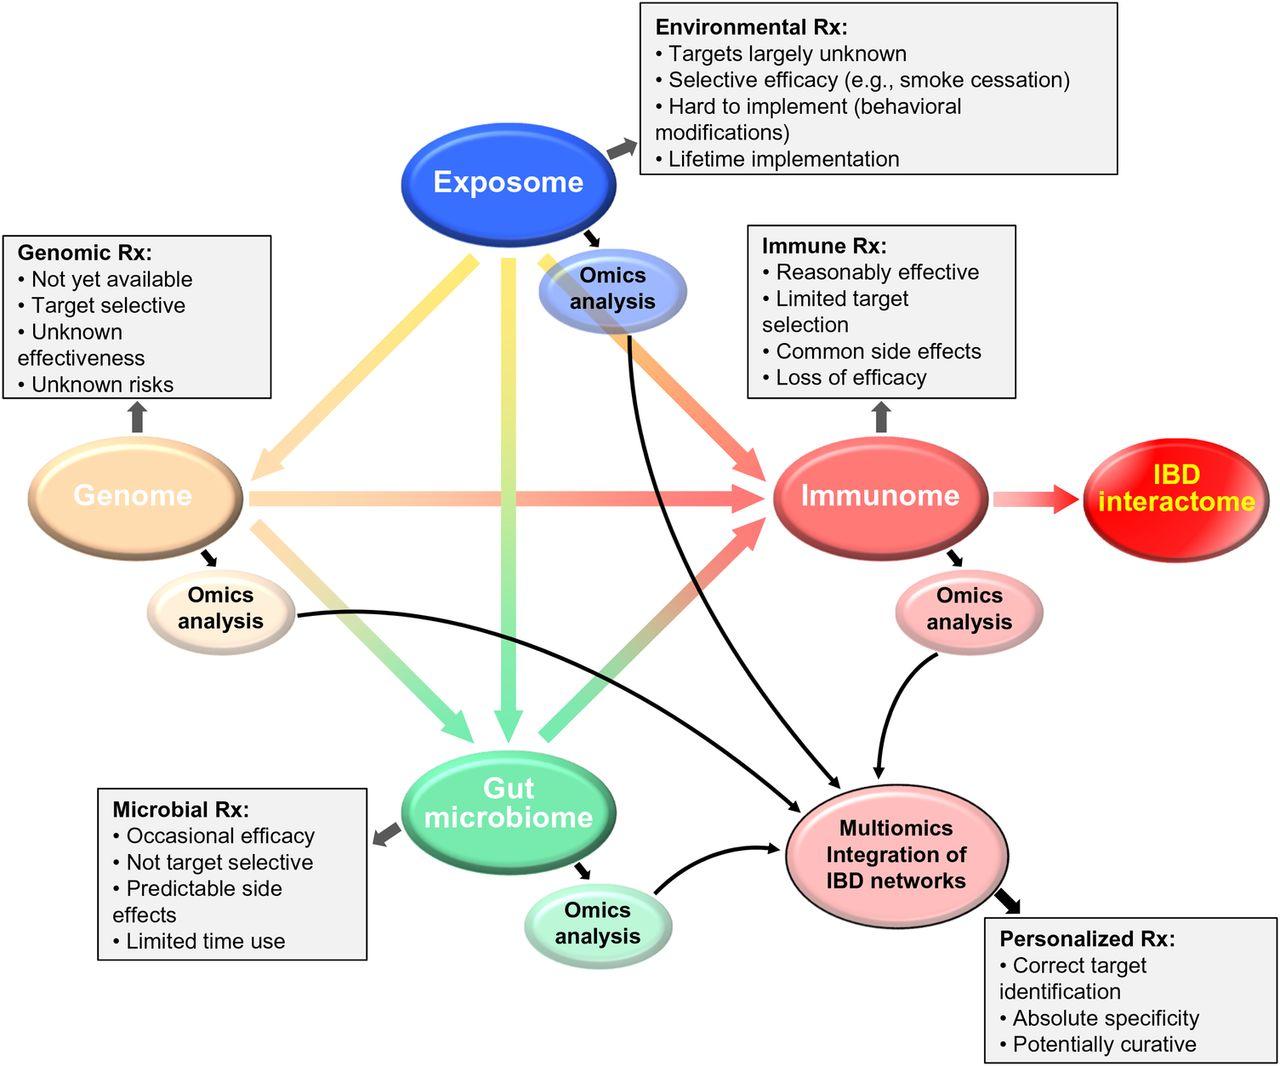 Drug Development In Ibd From Novel Target Identification